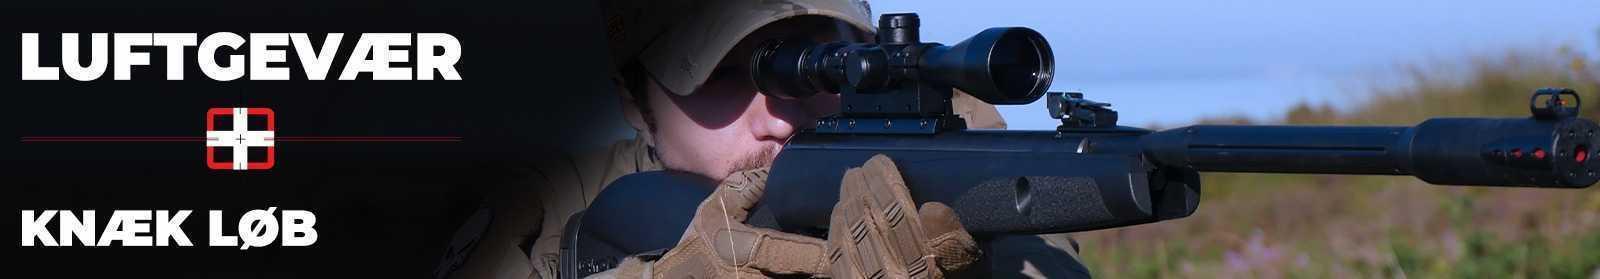 Luftgevær - knækløb